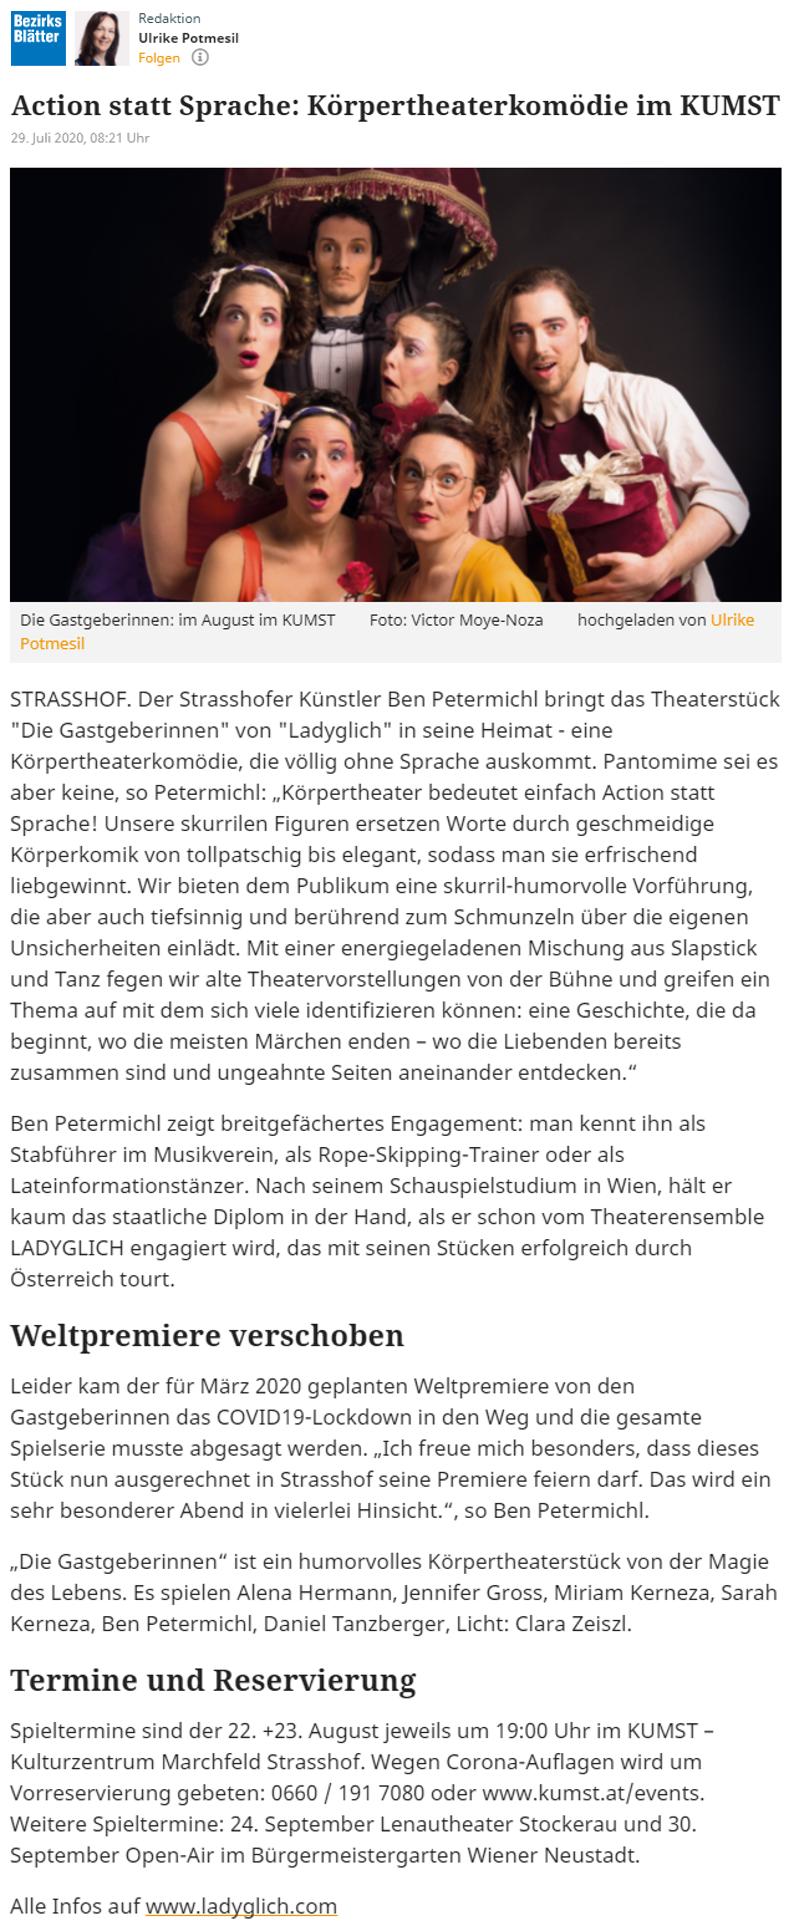 Bezirksblätter Gänserndorf, August 2020.